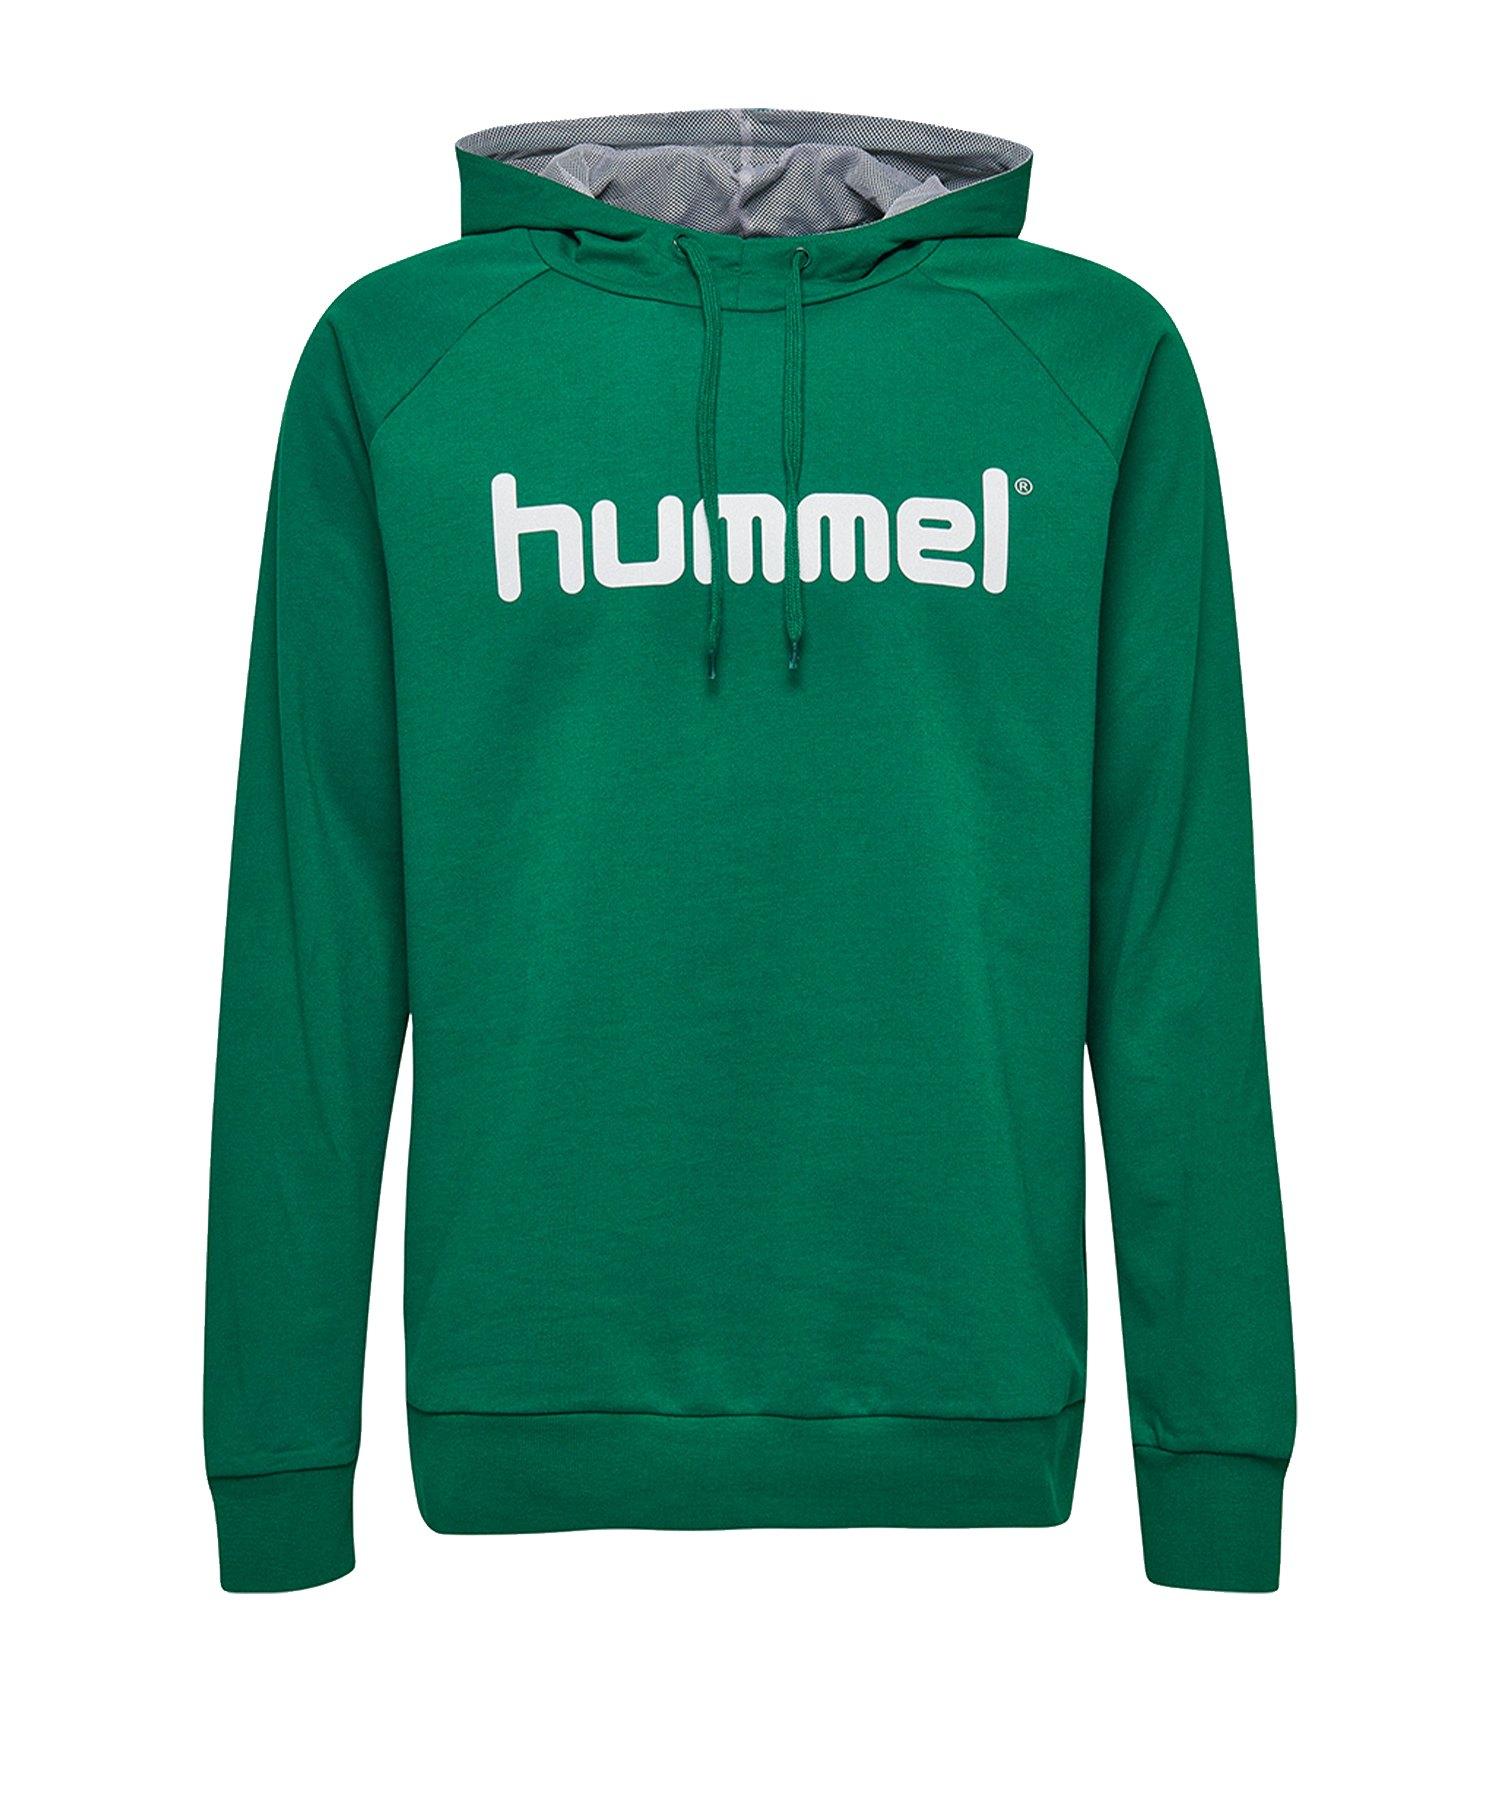 Hummel Cotton Logo Hoody Grün F6140 - Gruen